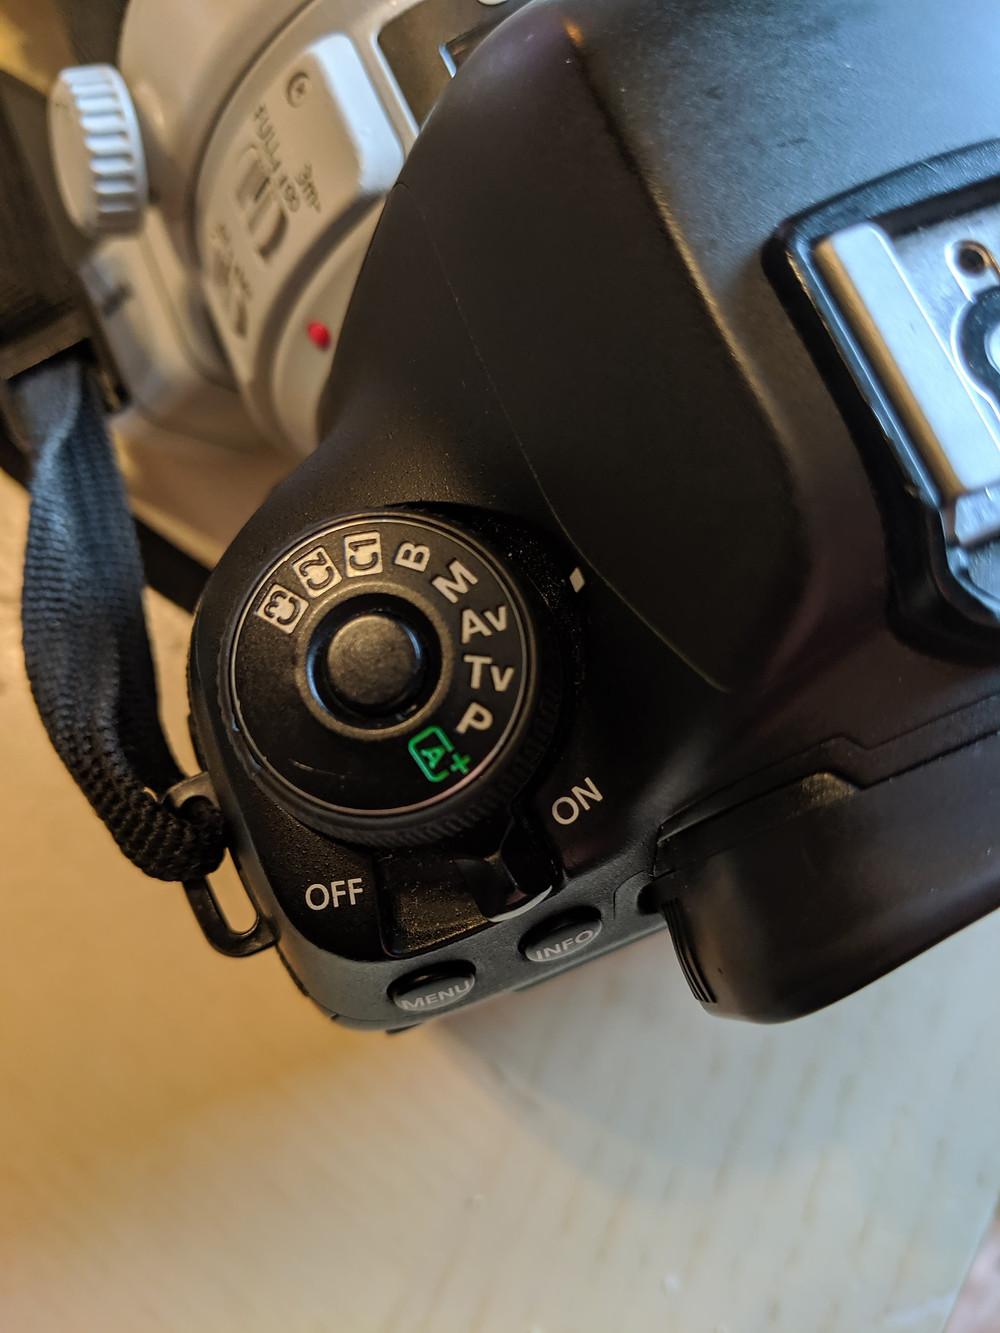 Camera set to aperture